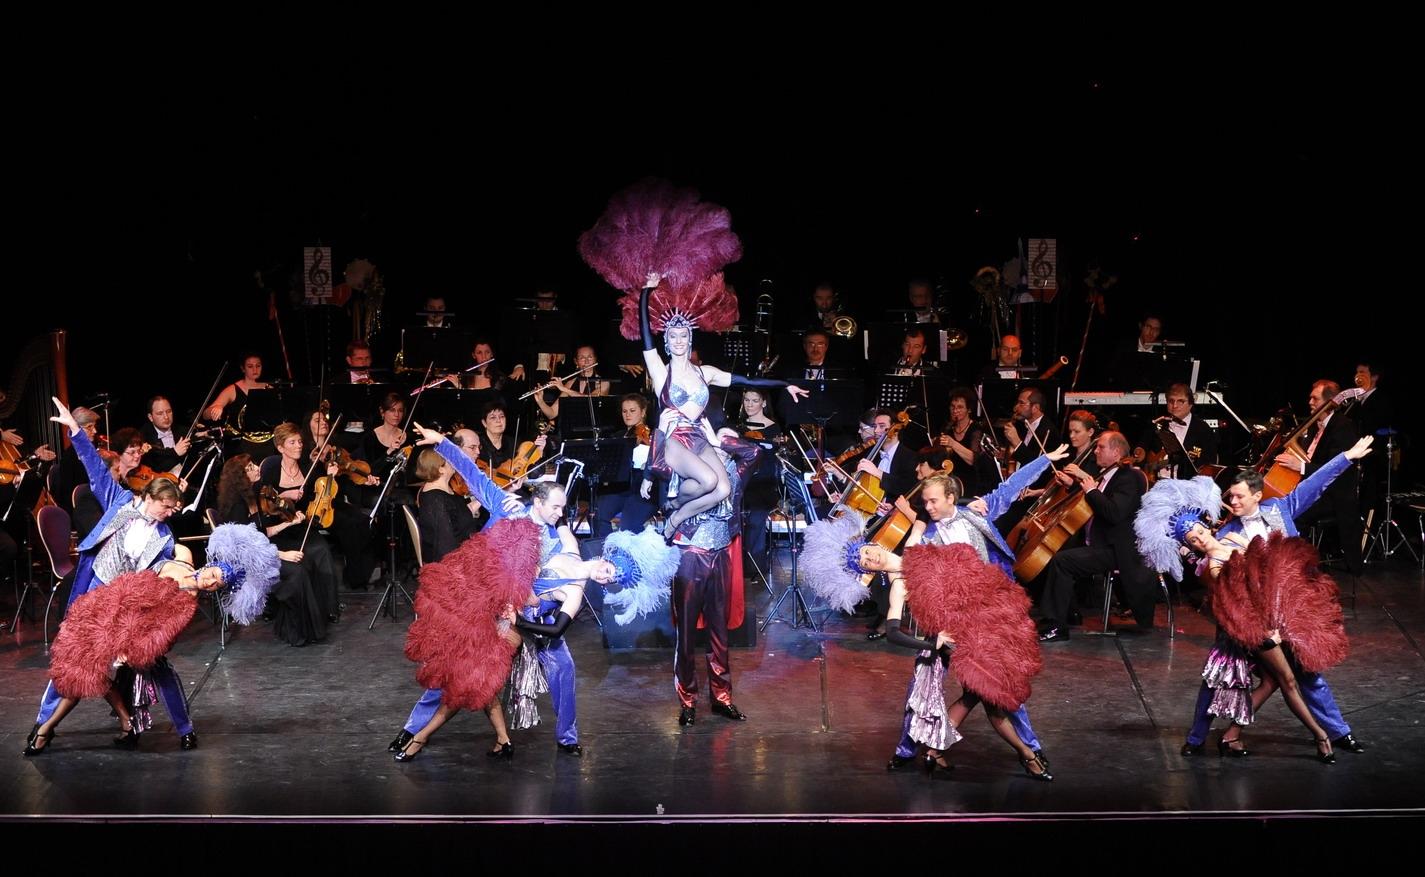 ingyenes újévi képek Ingyenes újévi koncert   debrecen portal.hu ingyenes újévi képek